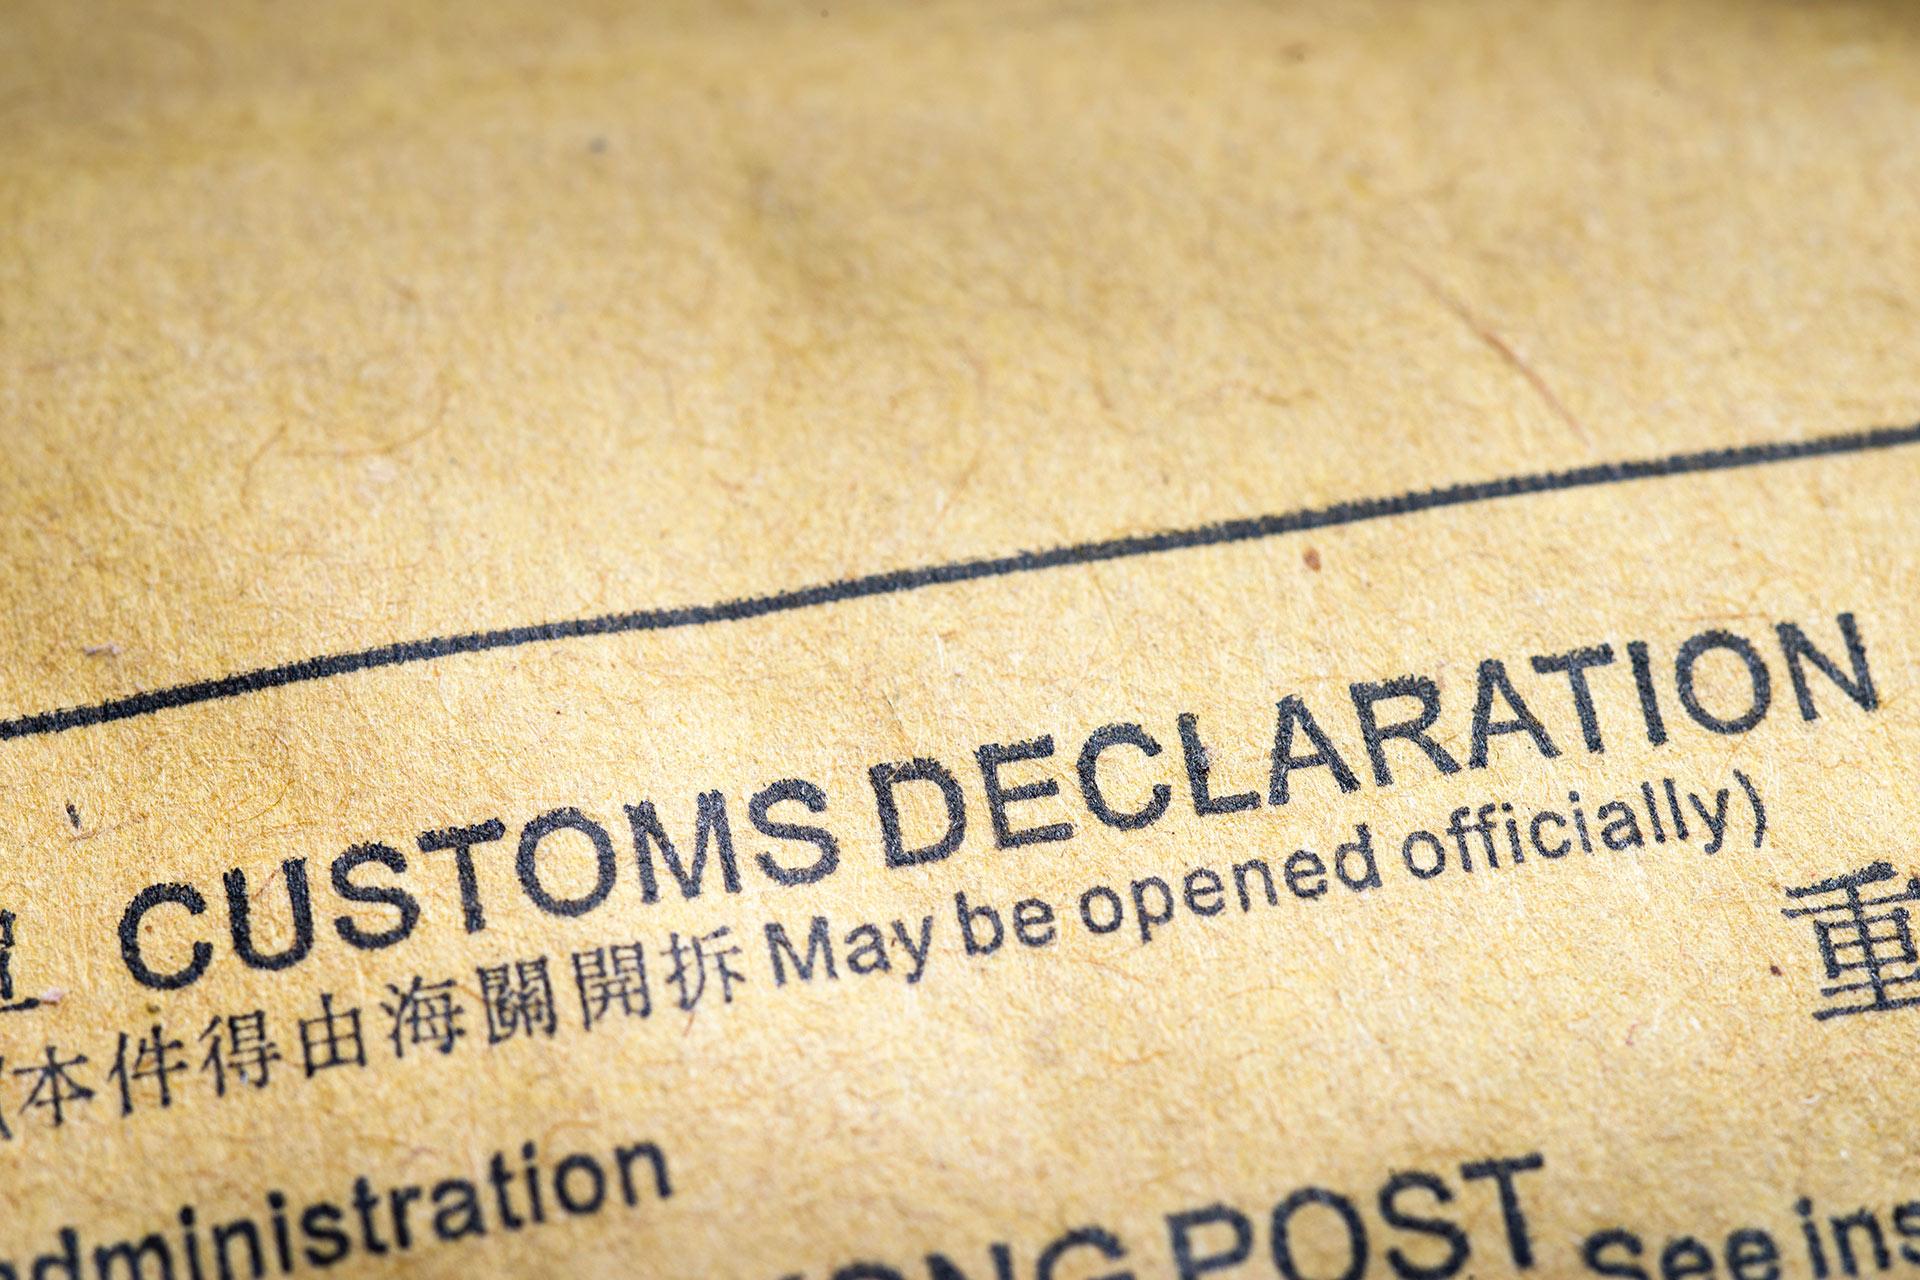 Customs declarations kgh customs altavistaventures Images